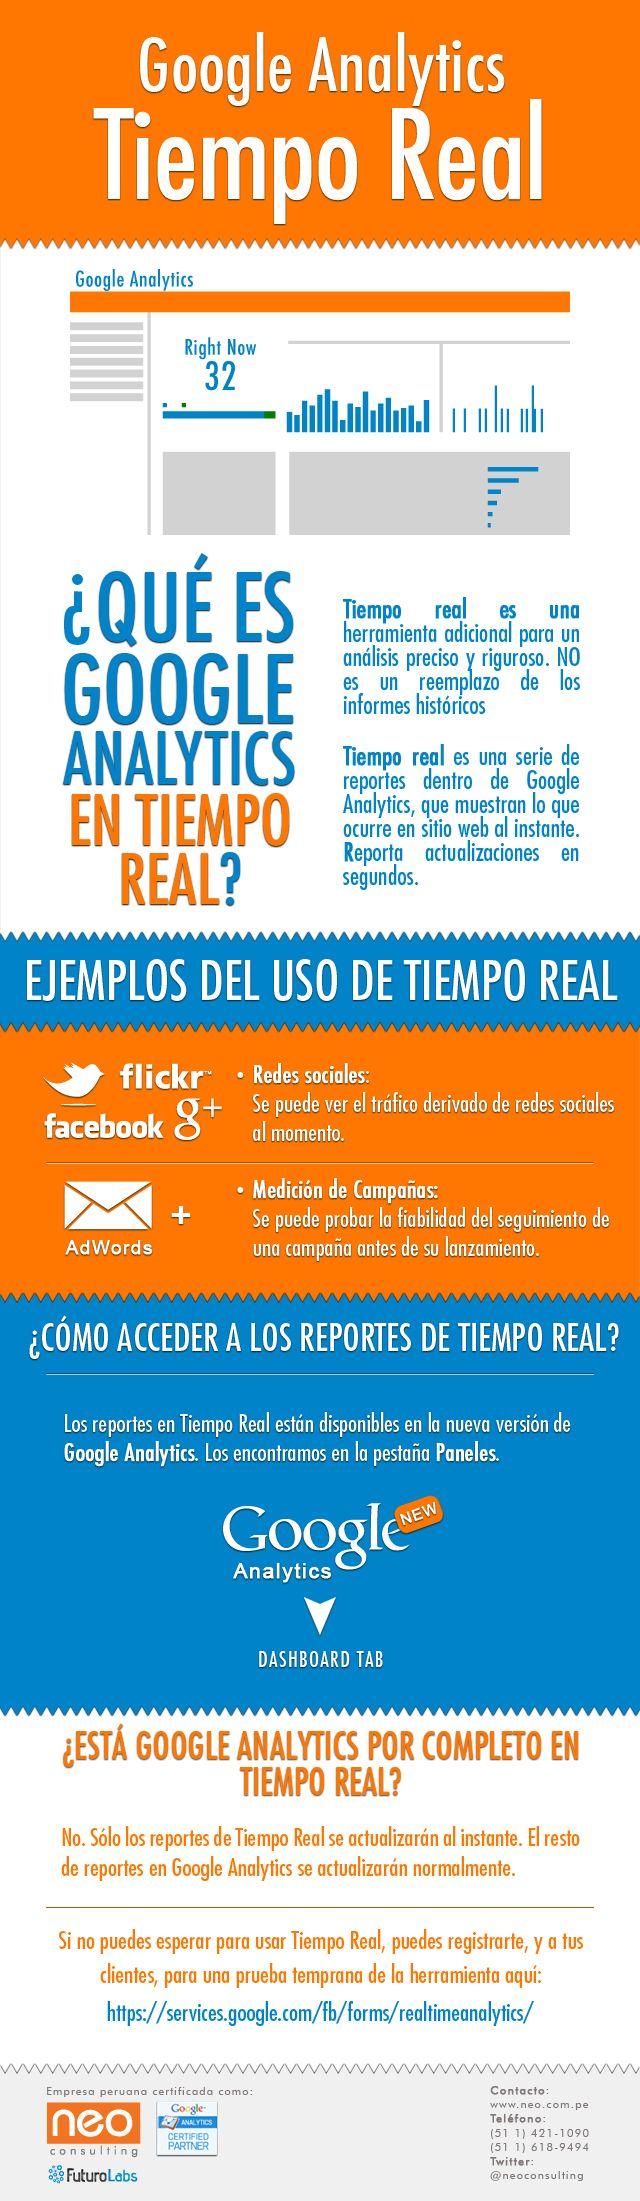 Google Analytics en tiempo real #infografía en español